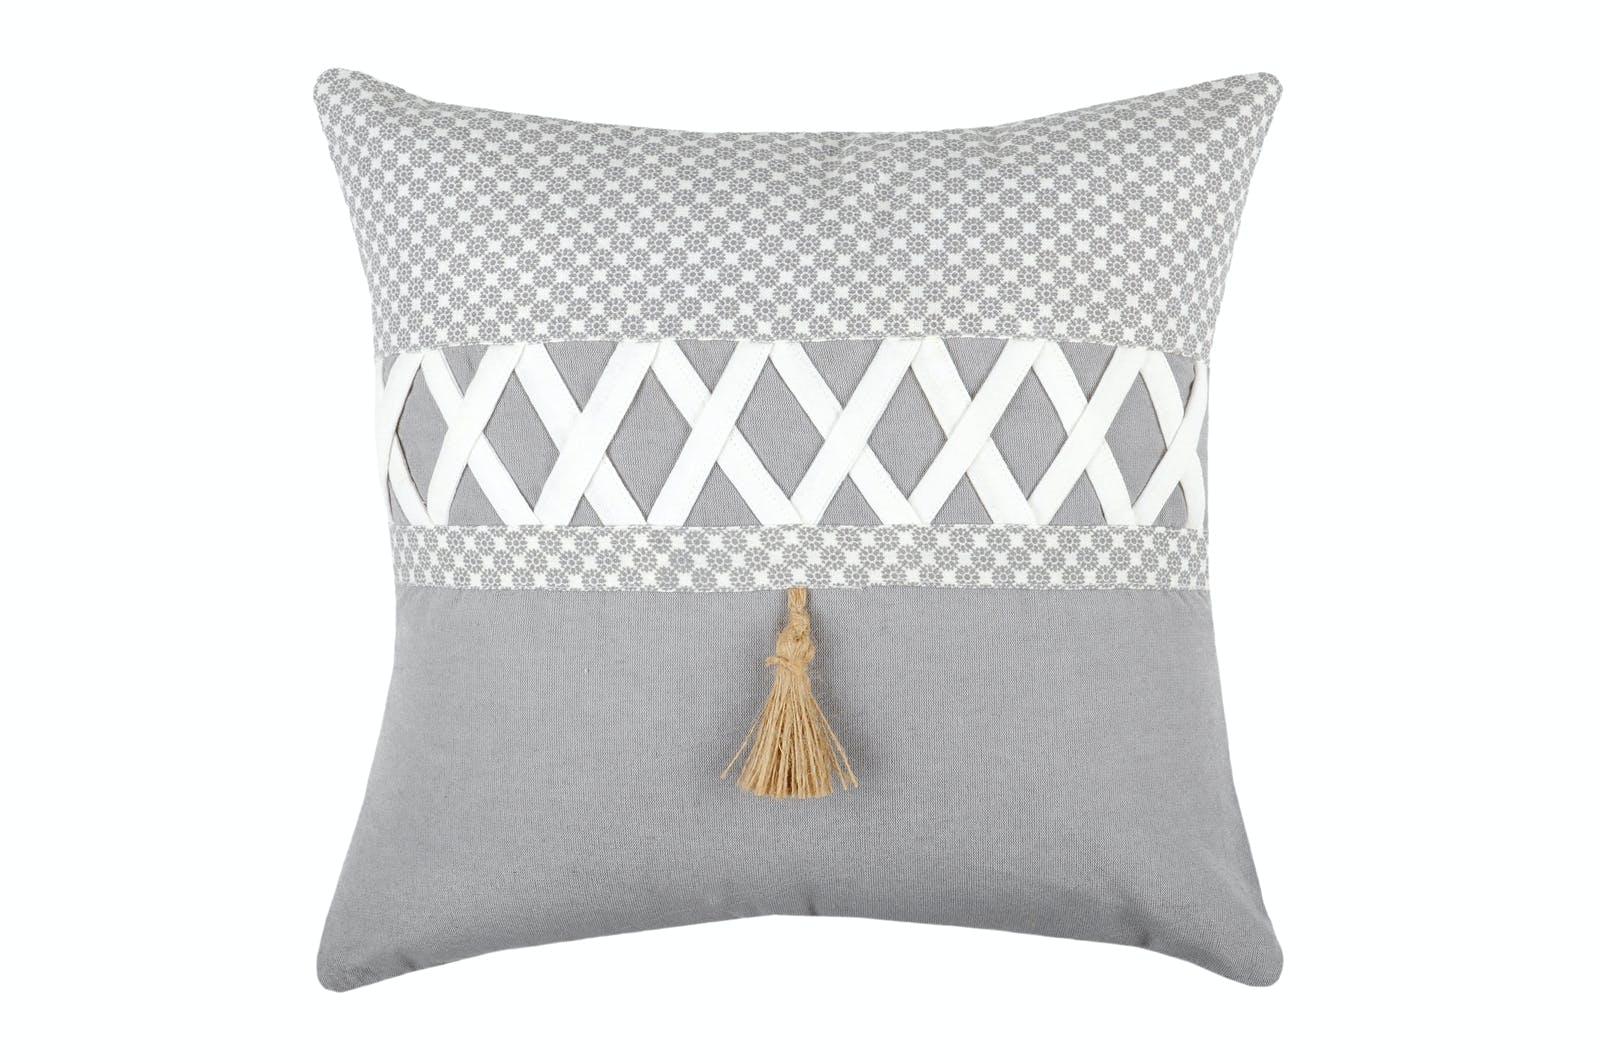 Coussin 40x40cm gris et blanc à motifs et bande croisillons blanc NELIA